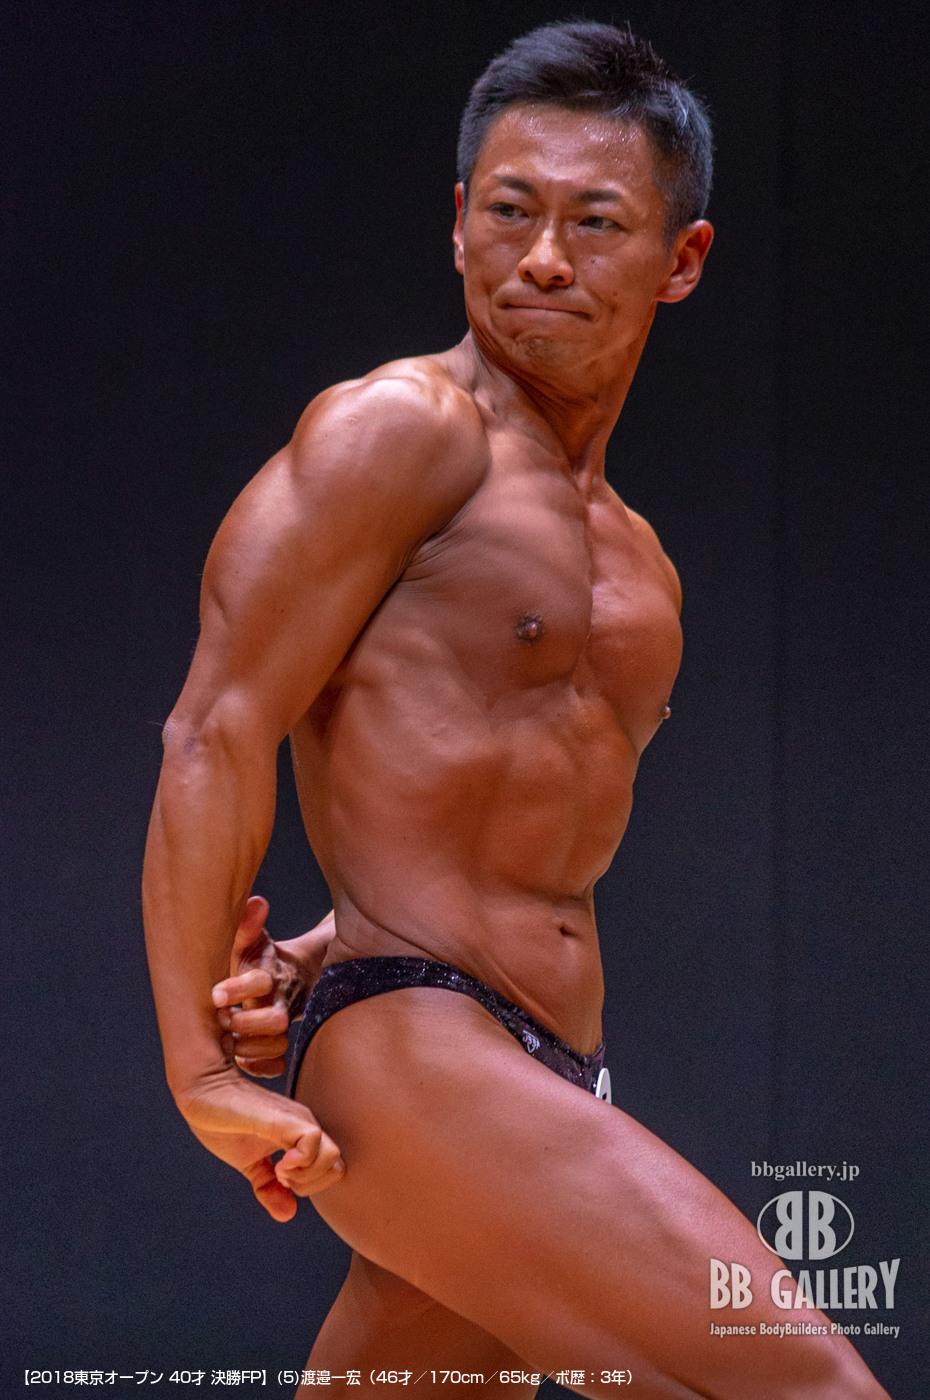 【2018東京オープン 40才 決勝FP】(5)渡邉一宏(46才/170cm/65kg/ボ歴:3年)